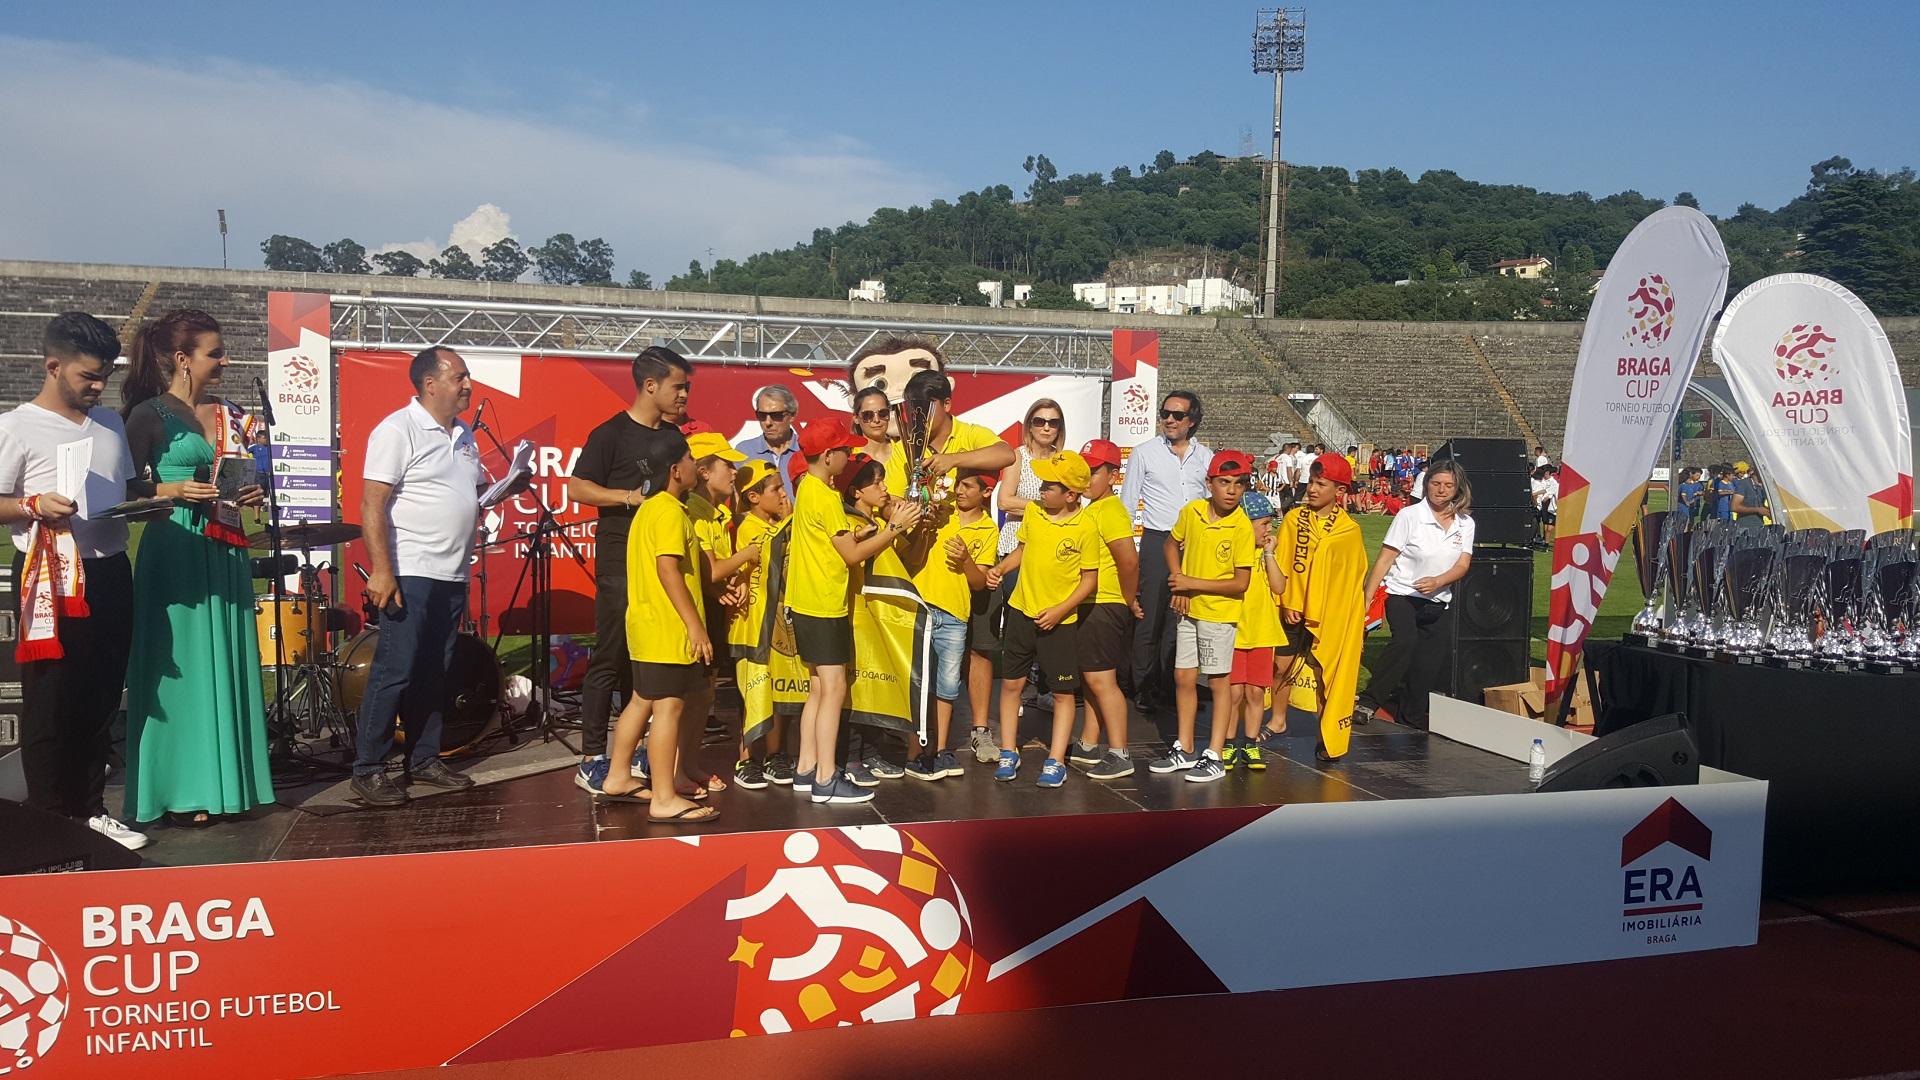 Braga Cup 2019